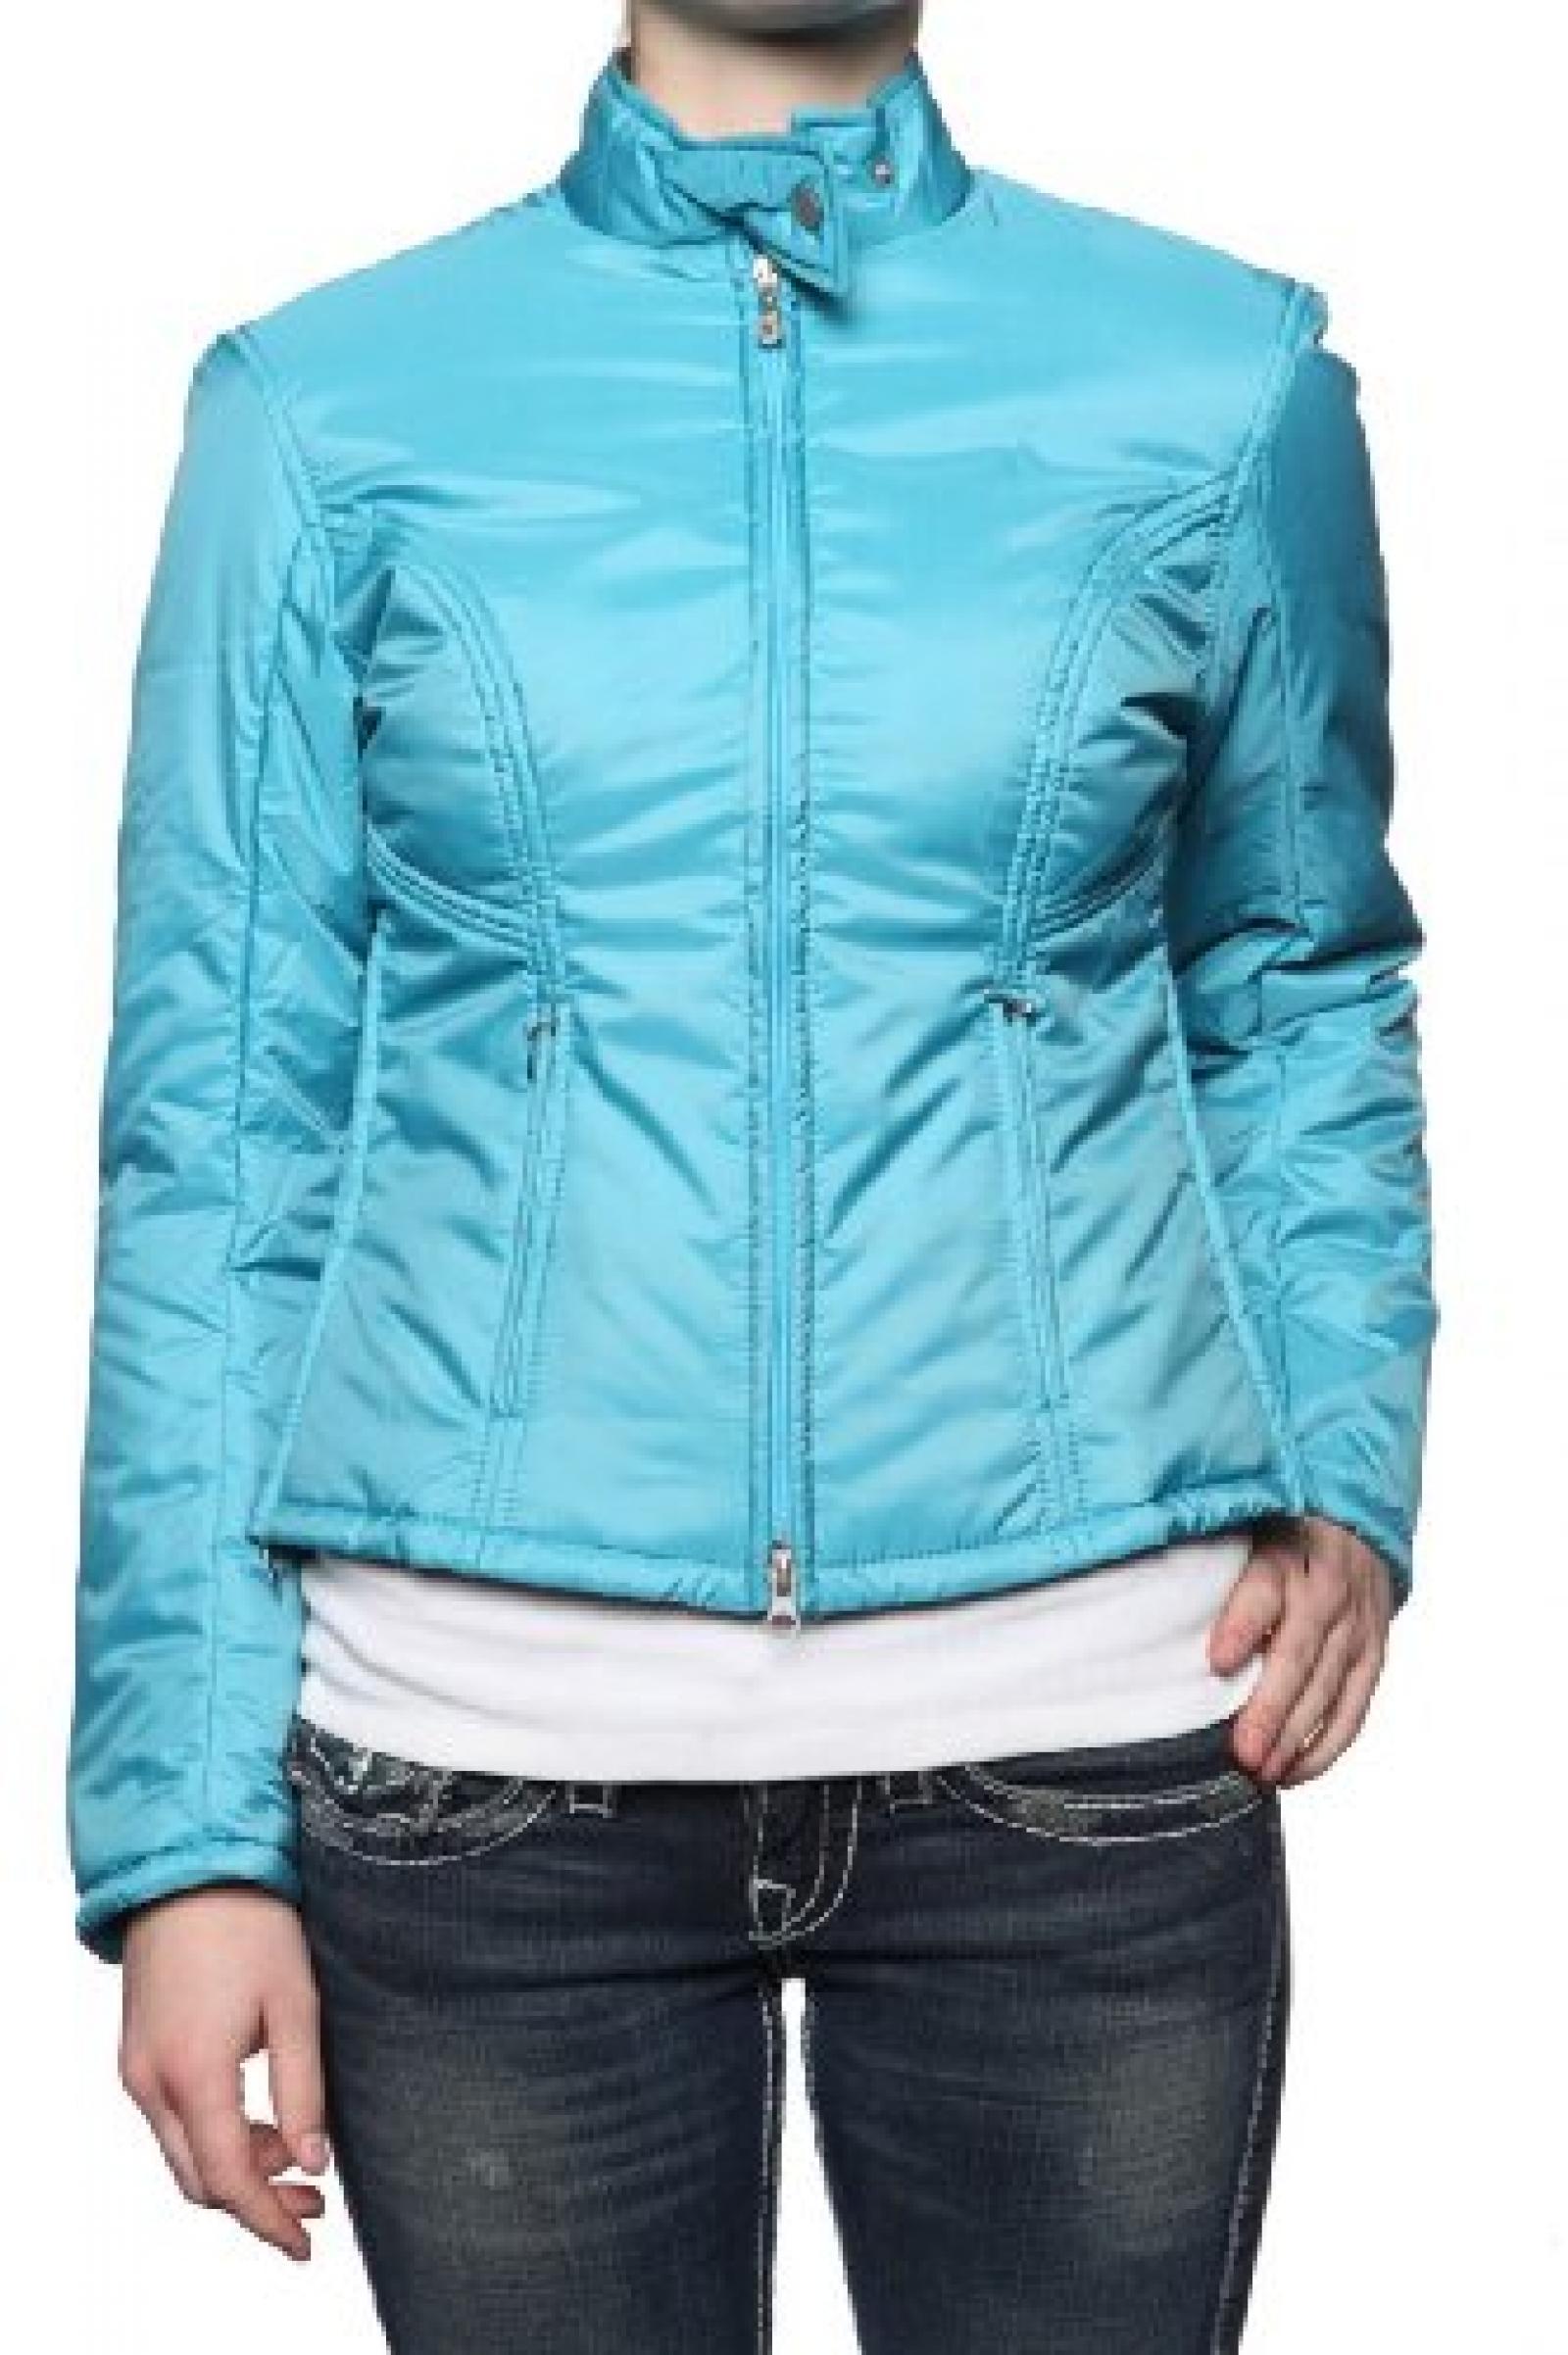 Belstaff Silver Label Damen Jacke Blouson-Jacke COLIBRI, Farbe: Petrol